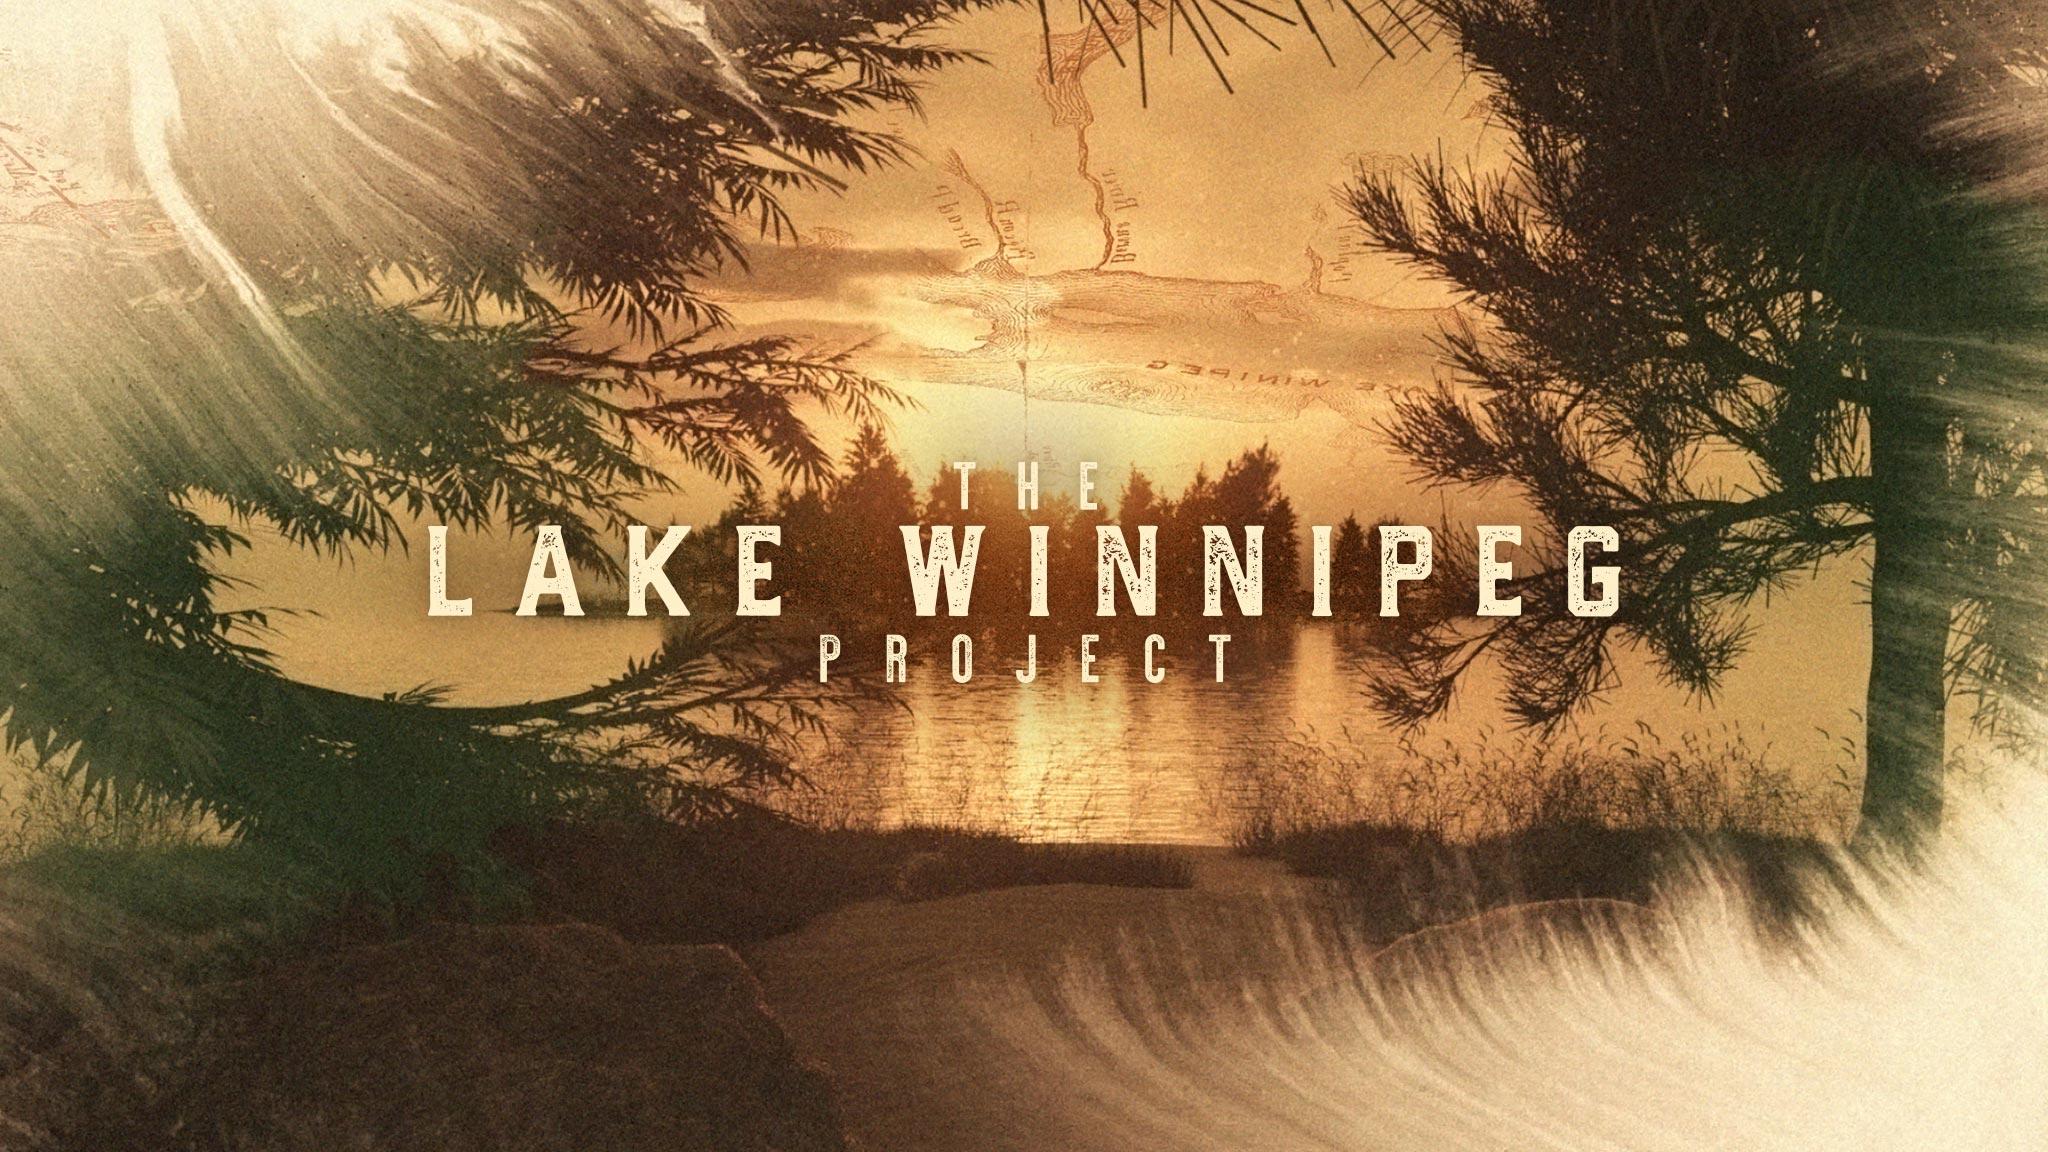 The Lake Winnipeg Project